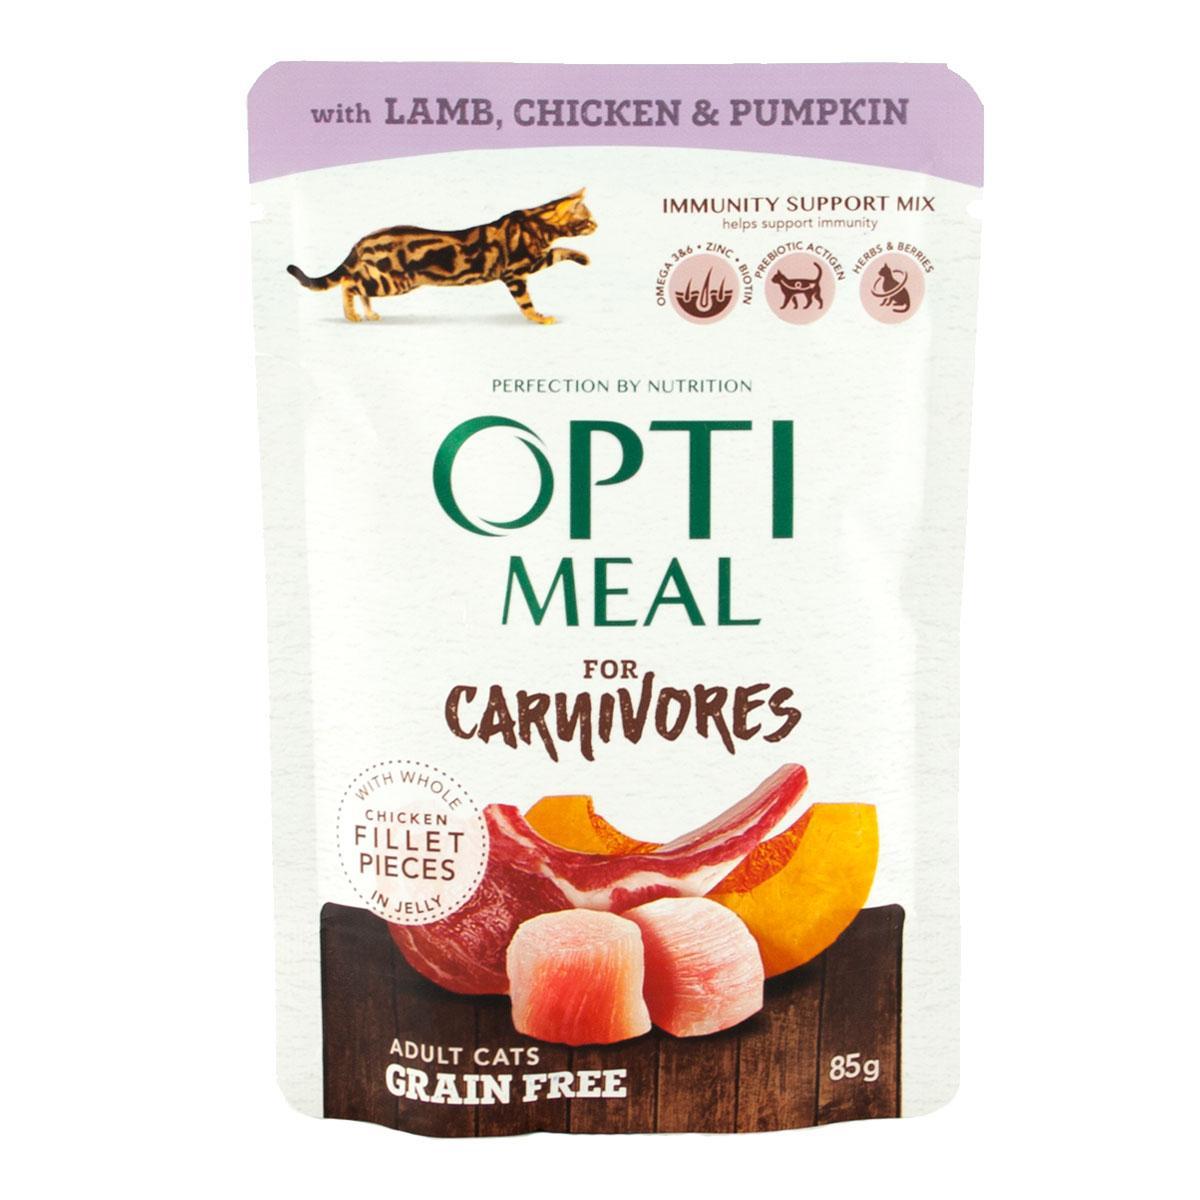 Вологий беззерновой корм для кішок Optimeal з ягням, куркою і гарбузом 85 г